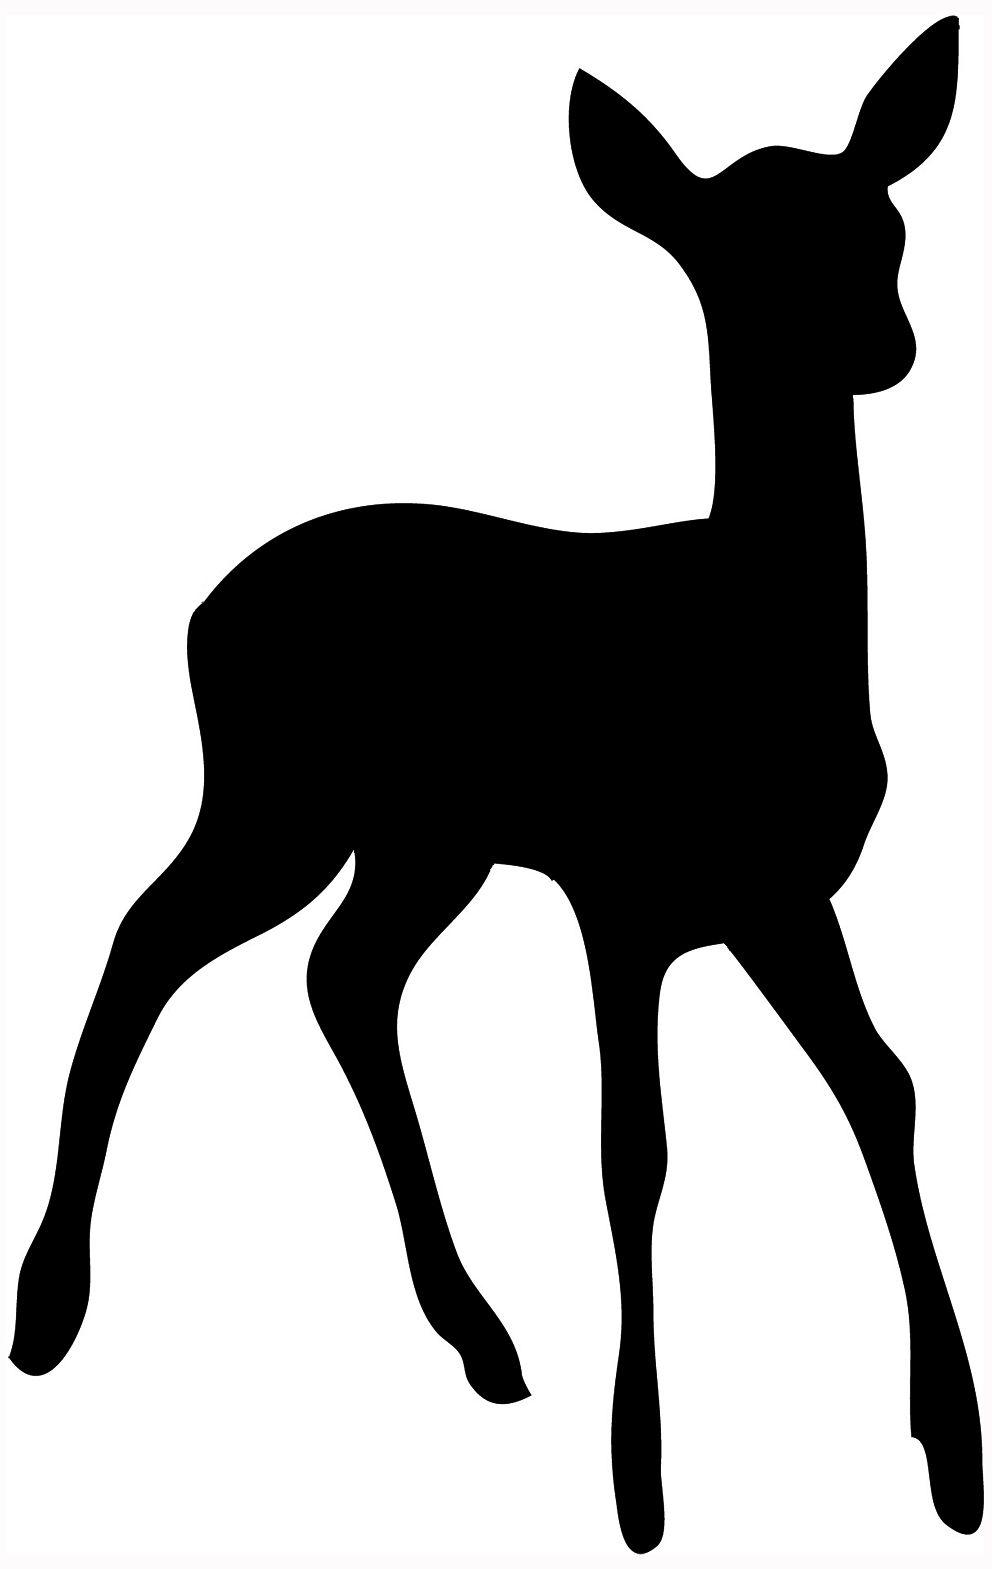 Gondola Silhouette Clip Art